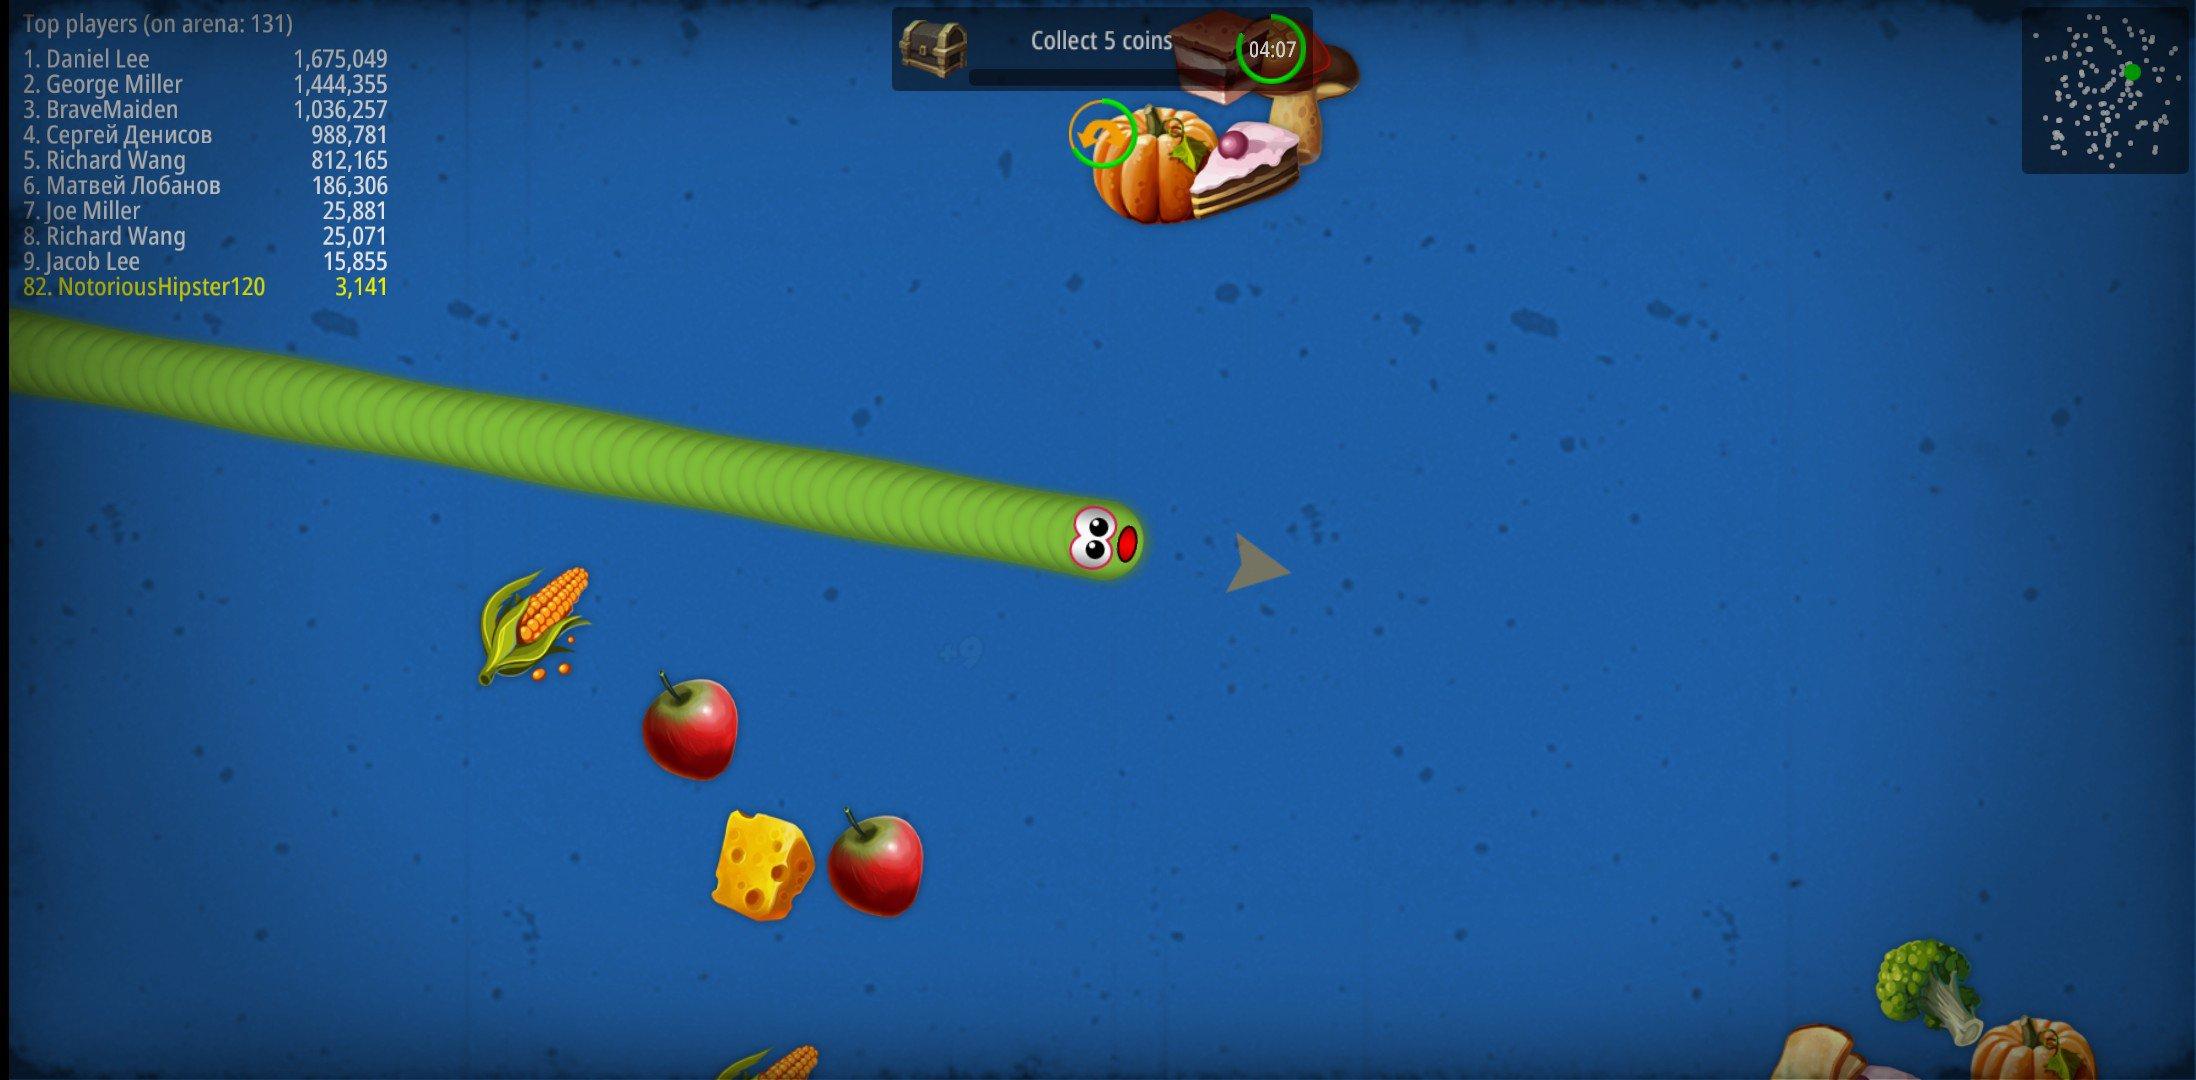 Worms Zone .io 1.3.4-D - Télécharger Pour Android Apk avec Jeux À Plusieurs En Ligne